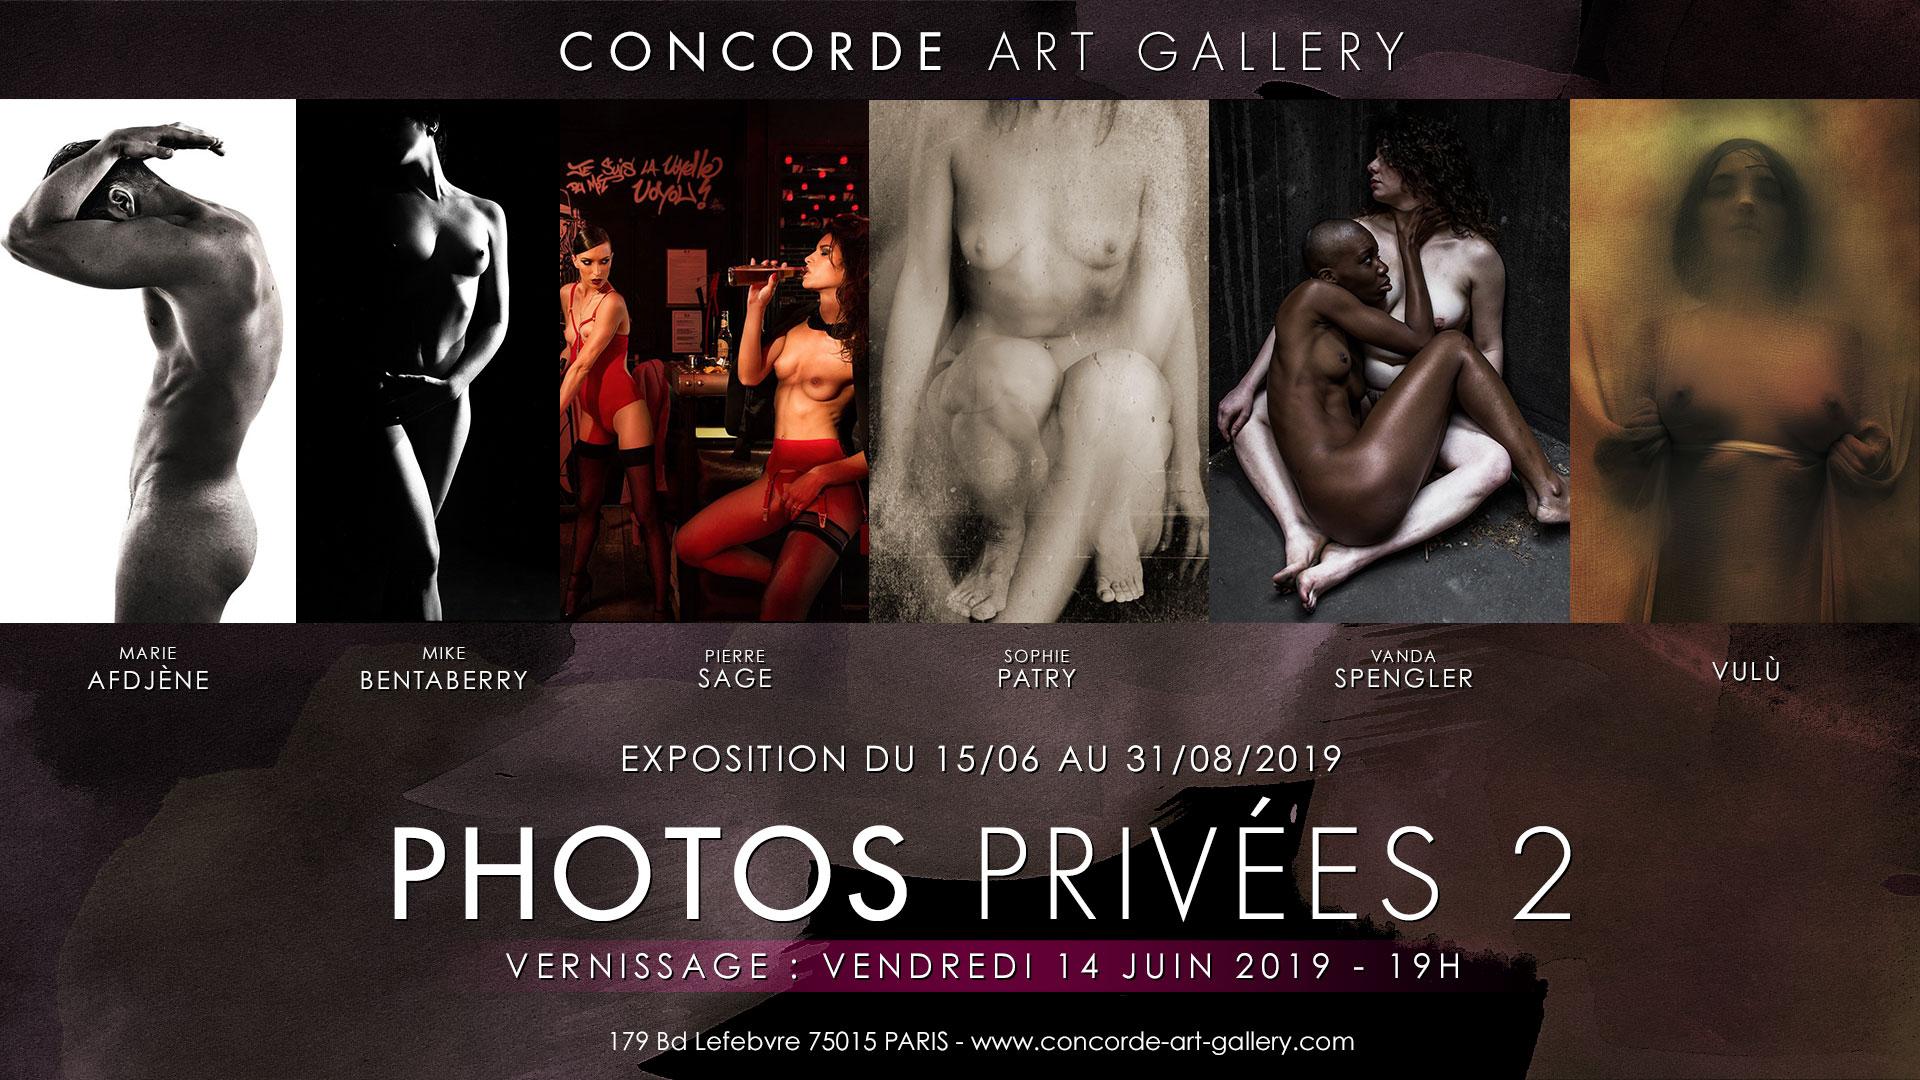 Photos privées 2